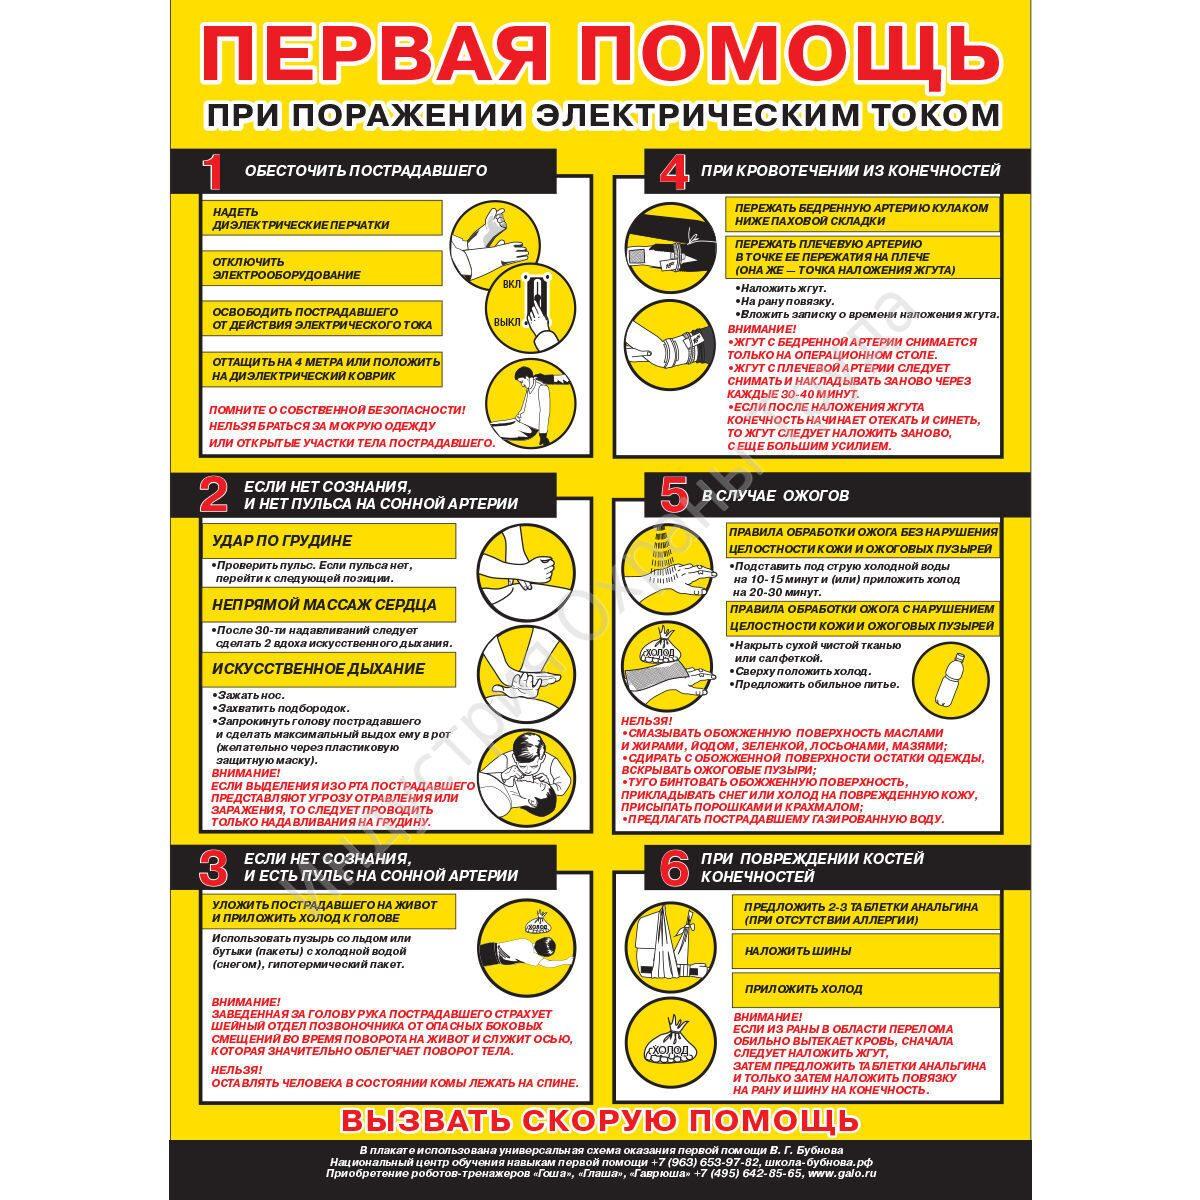 инструкция для 1 квалификационной группы по электробезопасности